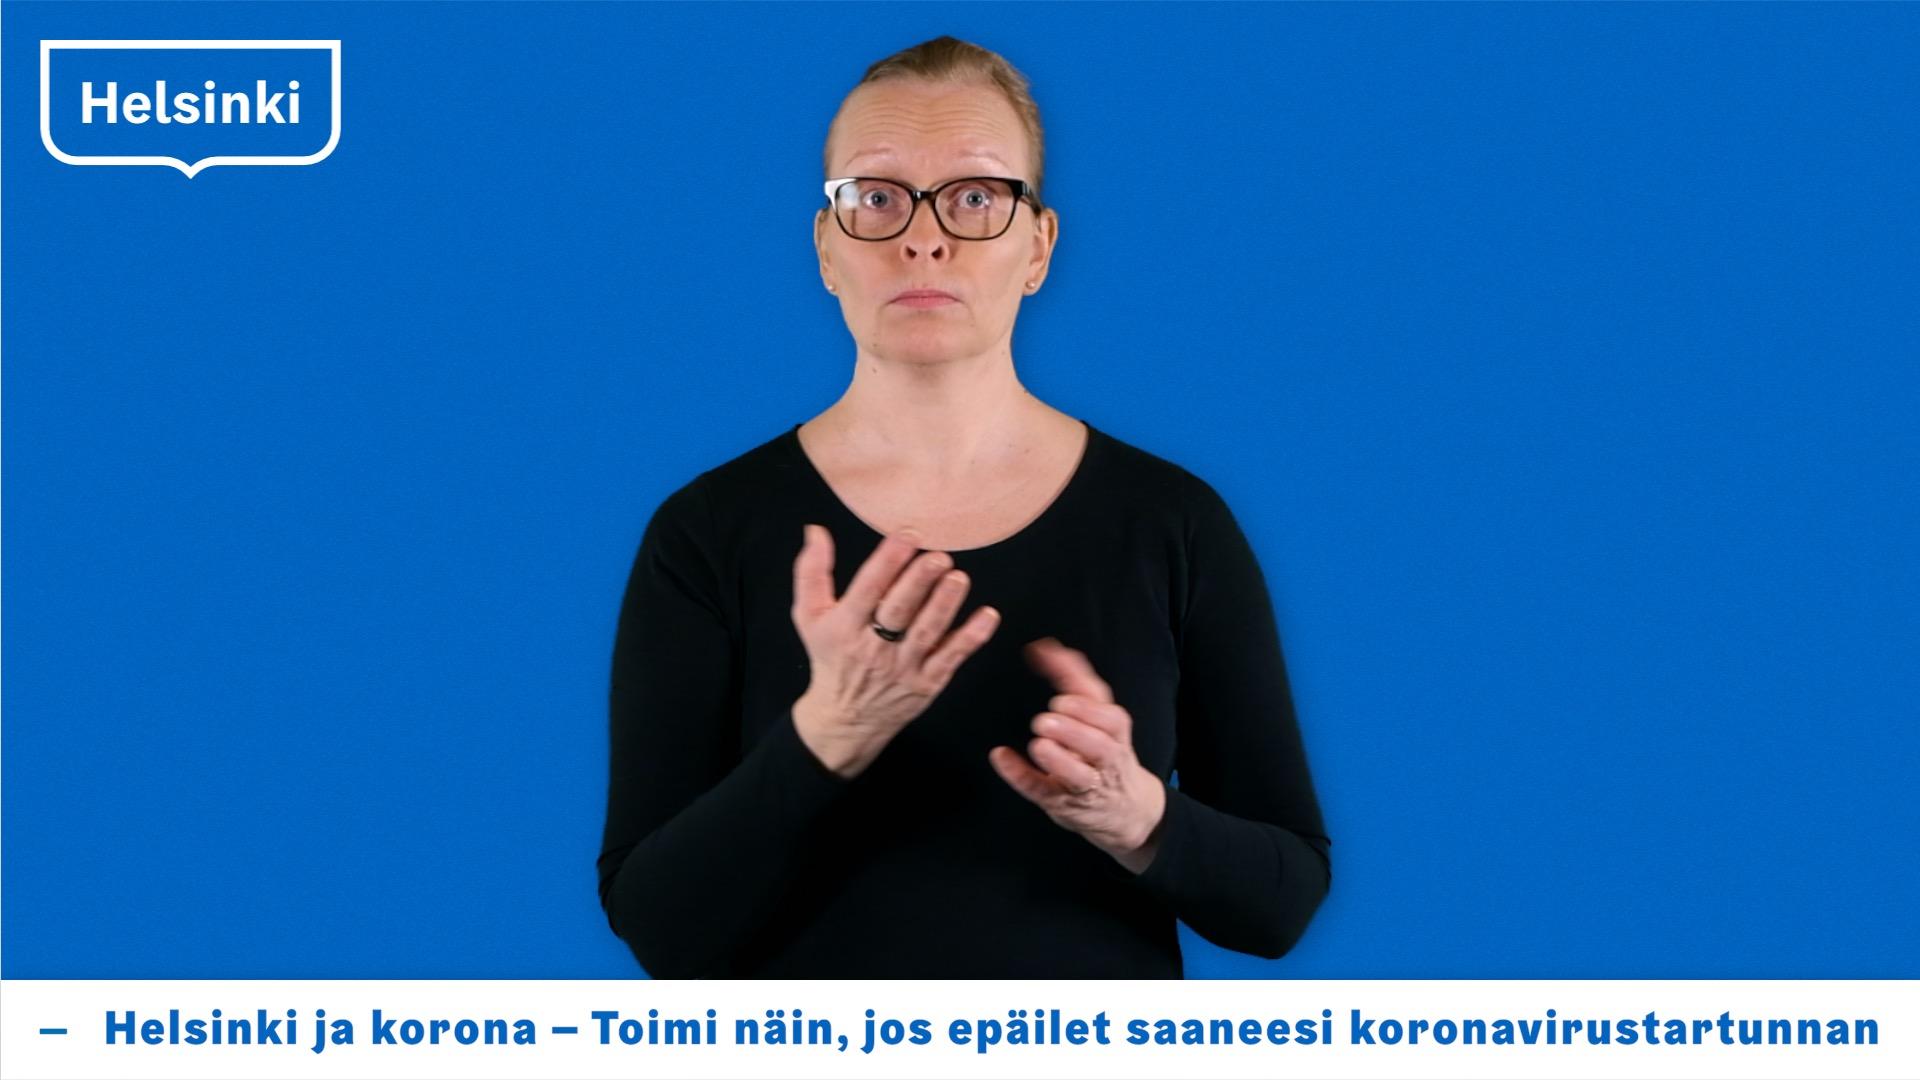 Helsinki ja korona - Toimi näin, jos epäilet saaneesi koronavirustartunnan